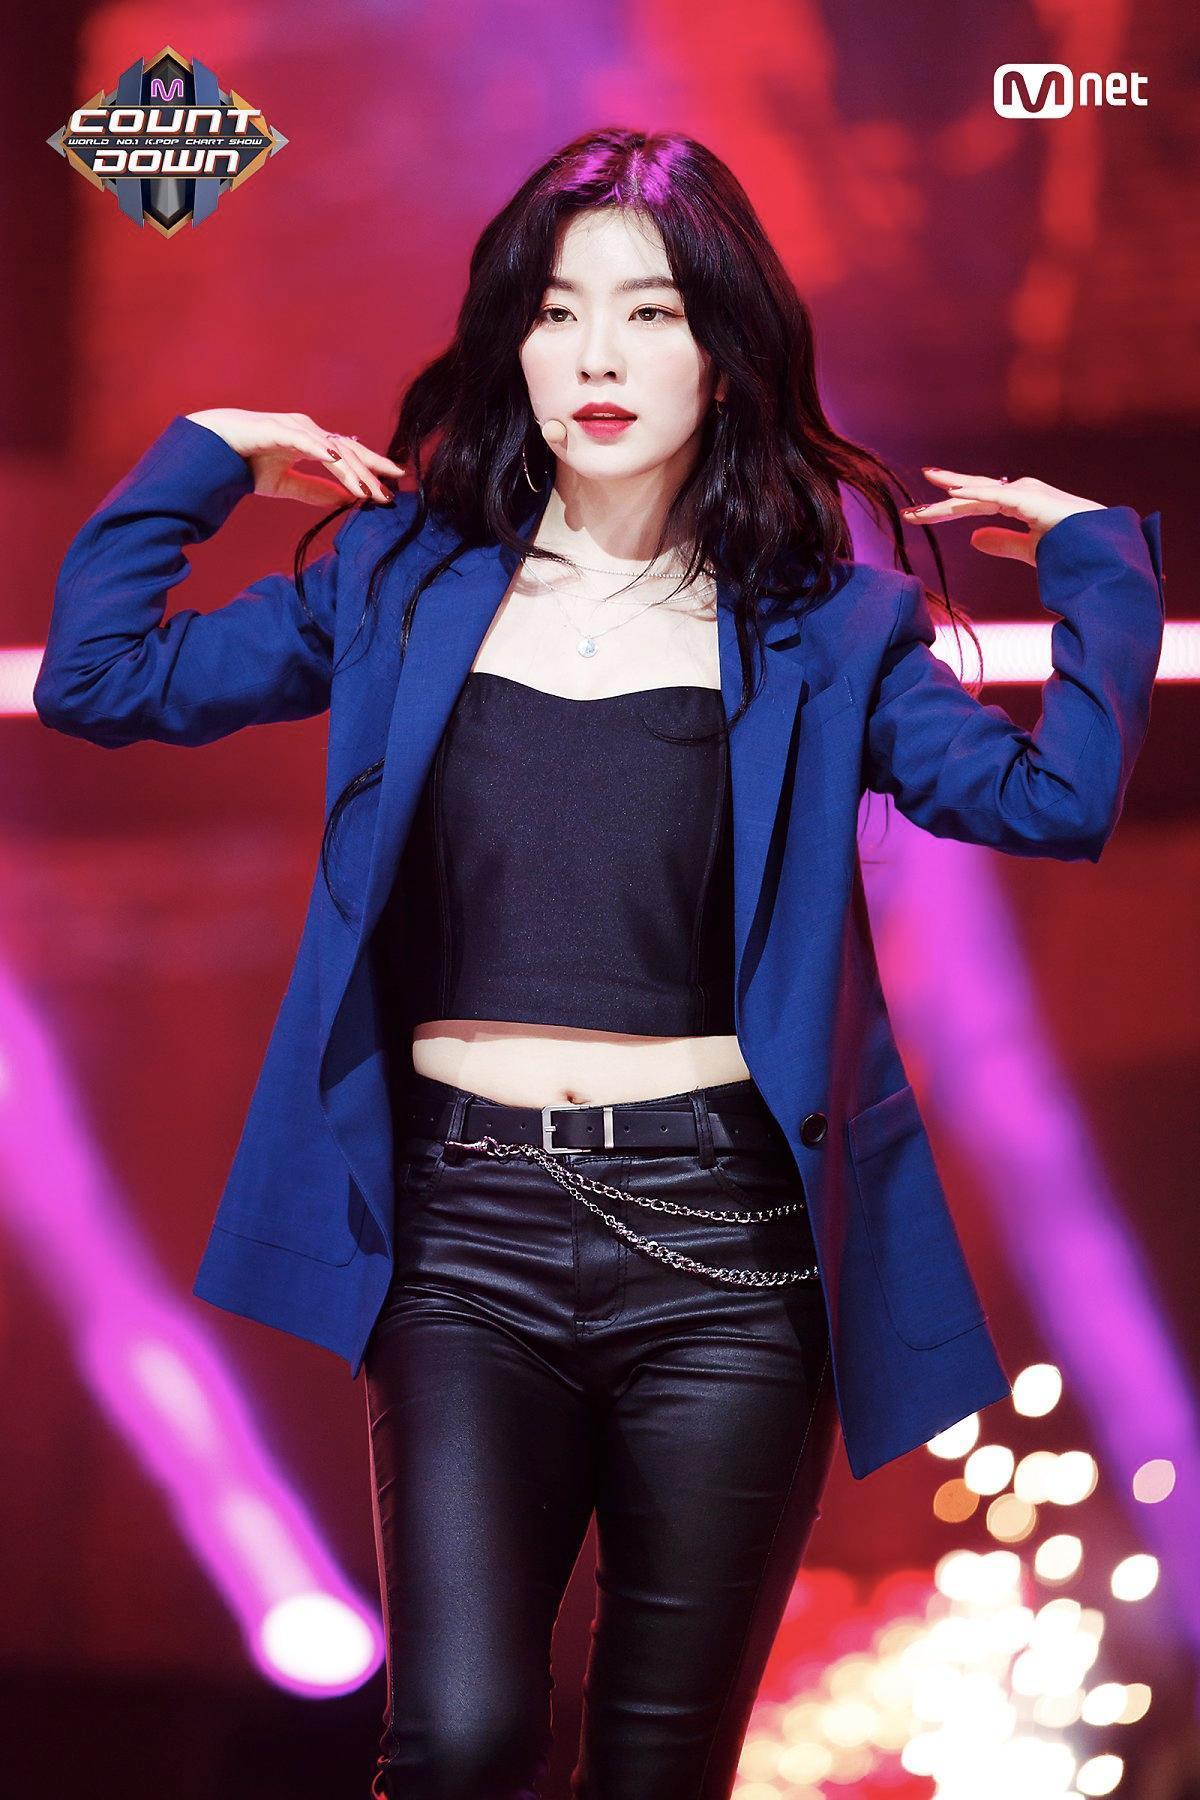 Irene giữ vị trí thứ 2 với 2.477.099 điểm, tăng 86,76% so với tháng trước.